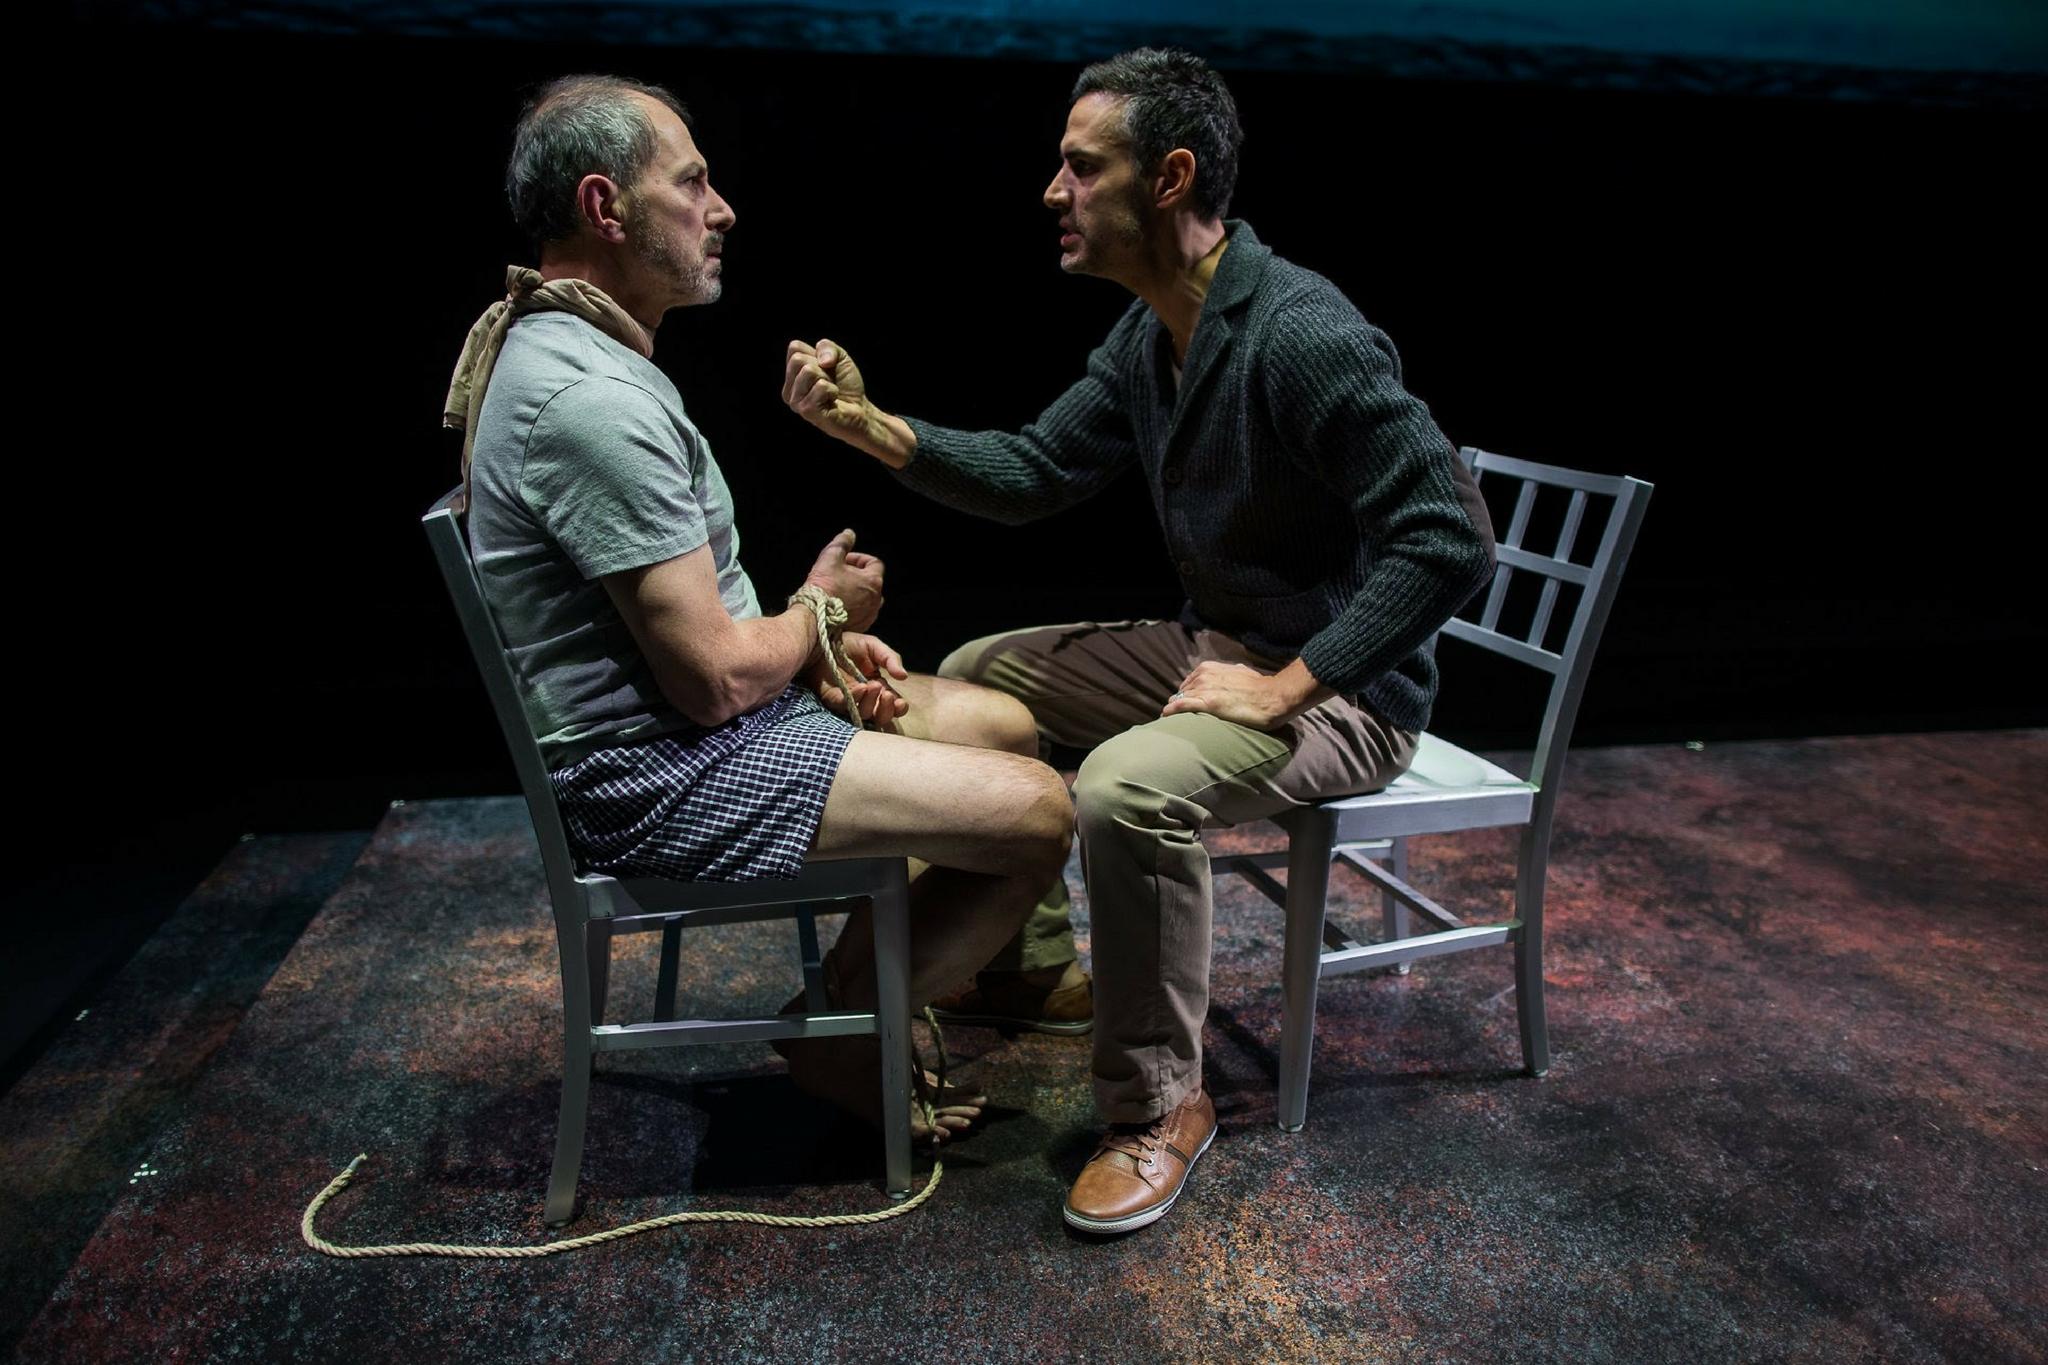 Mark Torres (Roberto Miranda) and Mickey Solis (Gerardo Escobar) in Death and the Maiden, 2018-Photo by Evgenia Eliseeva